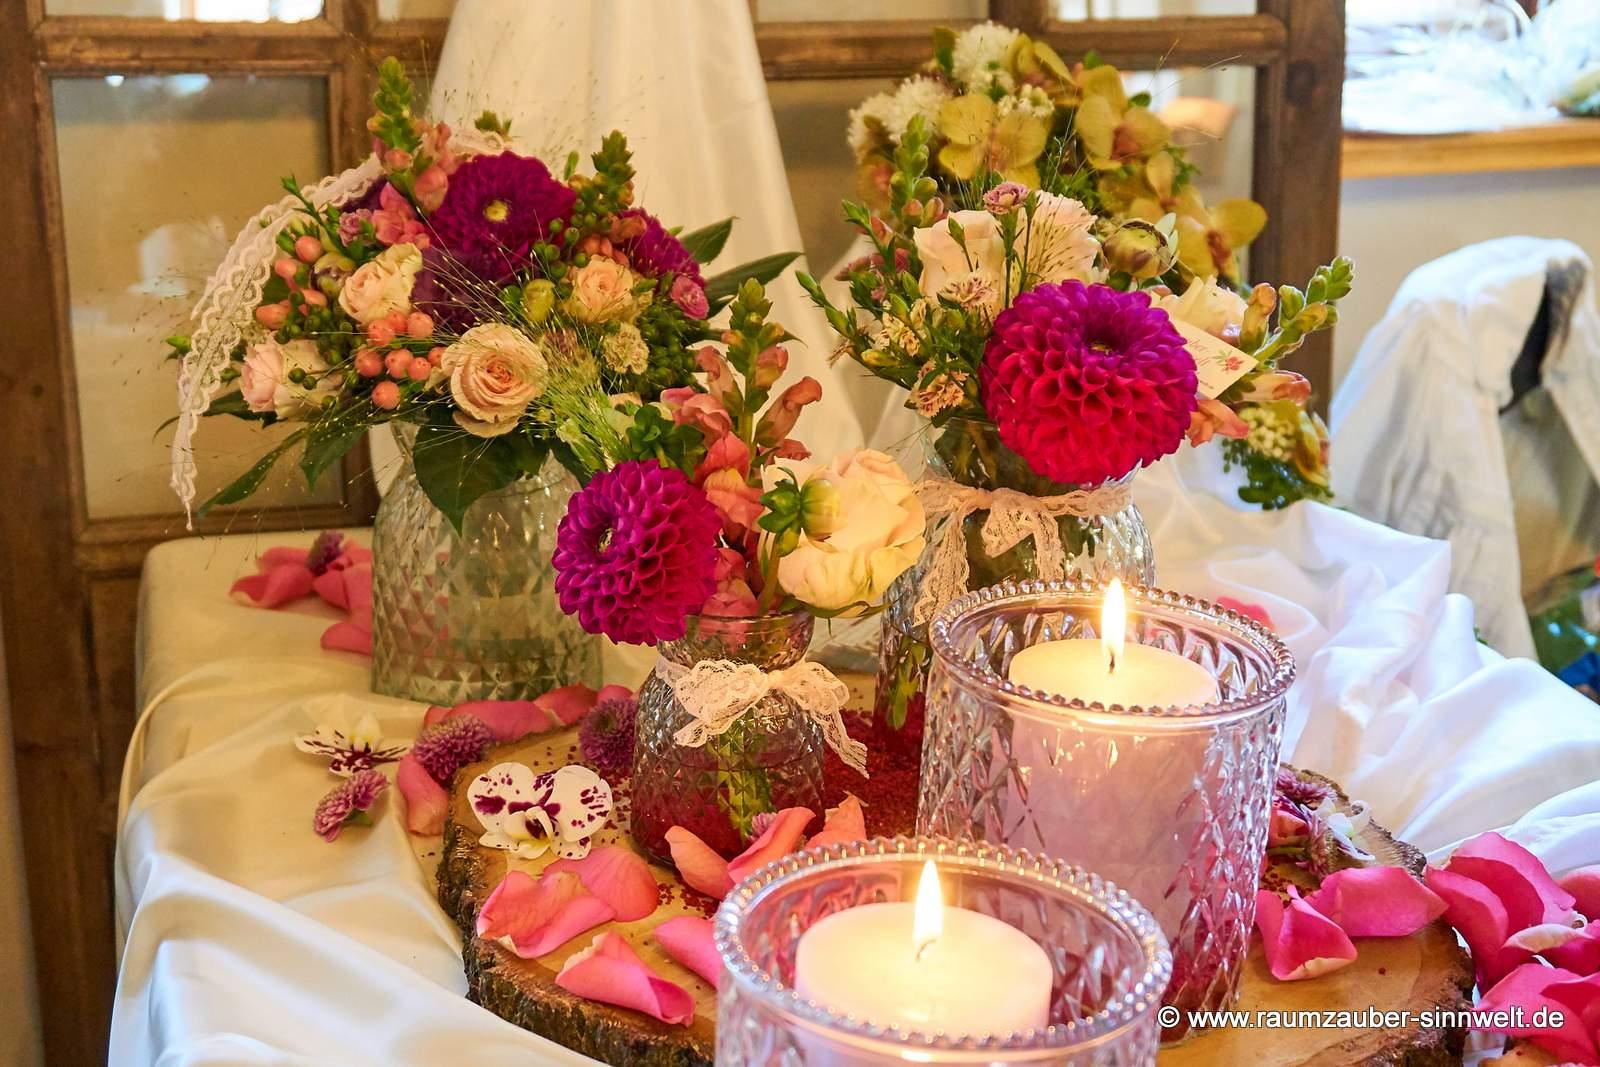 Tischdekoration aus Rosen, Dahlien und Löwenmaul mit Kerzen auf einer Baumscheibe arrangiert.